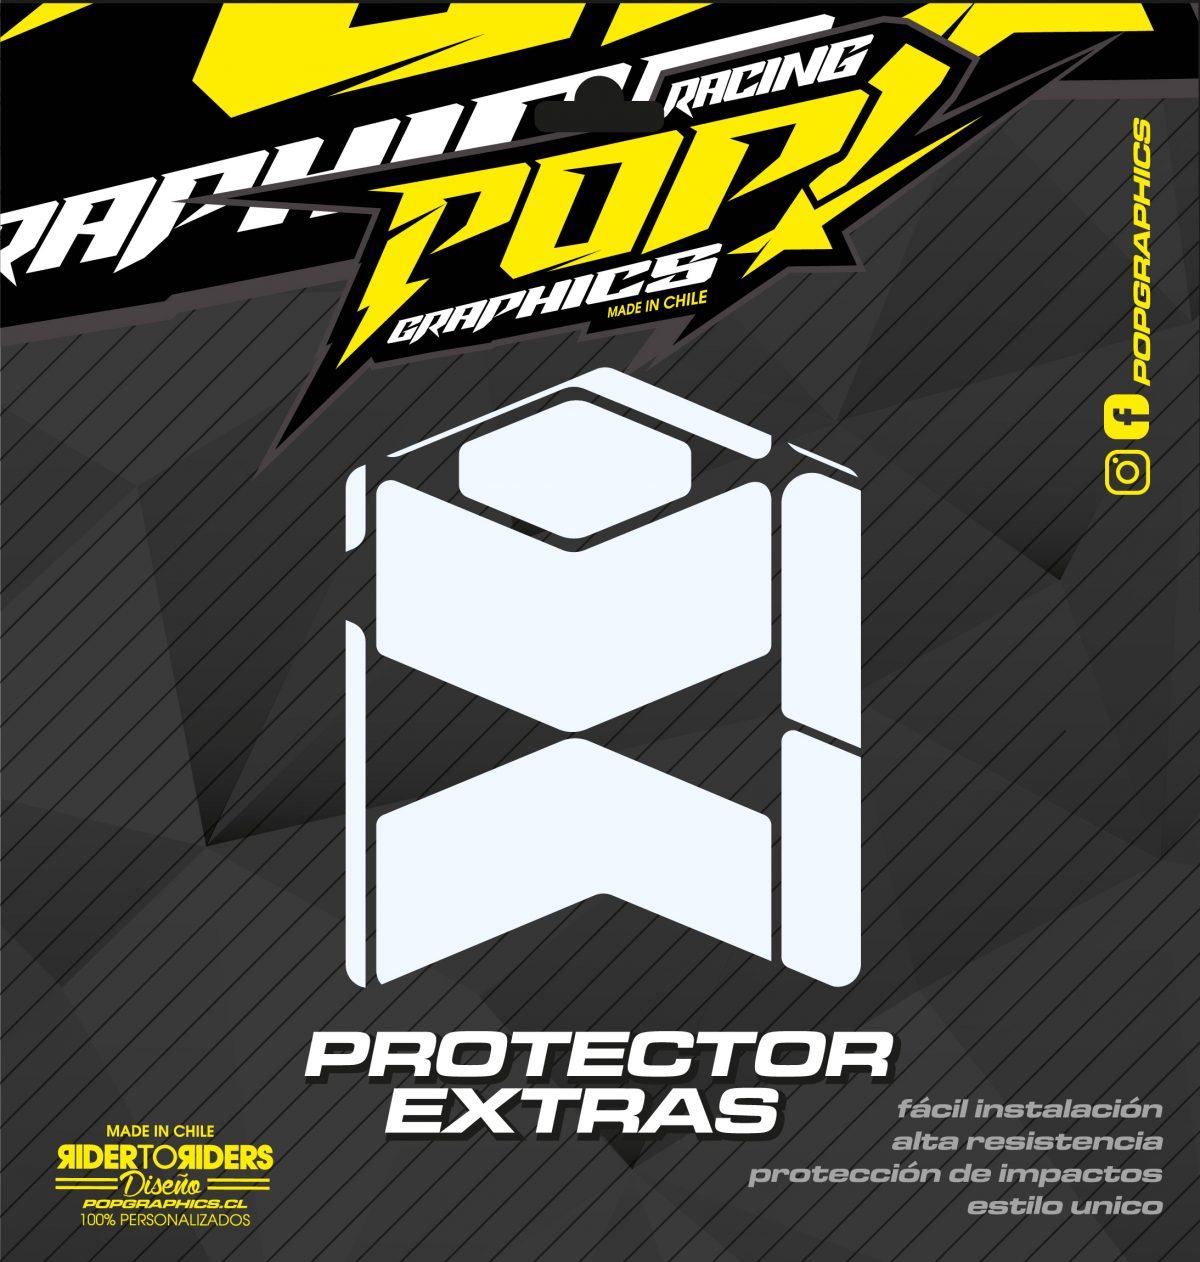 Protección extra transparente